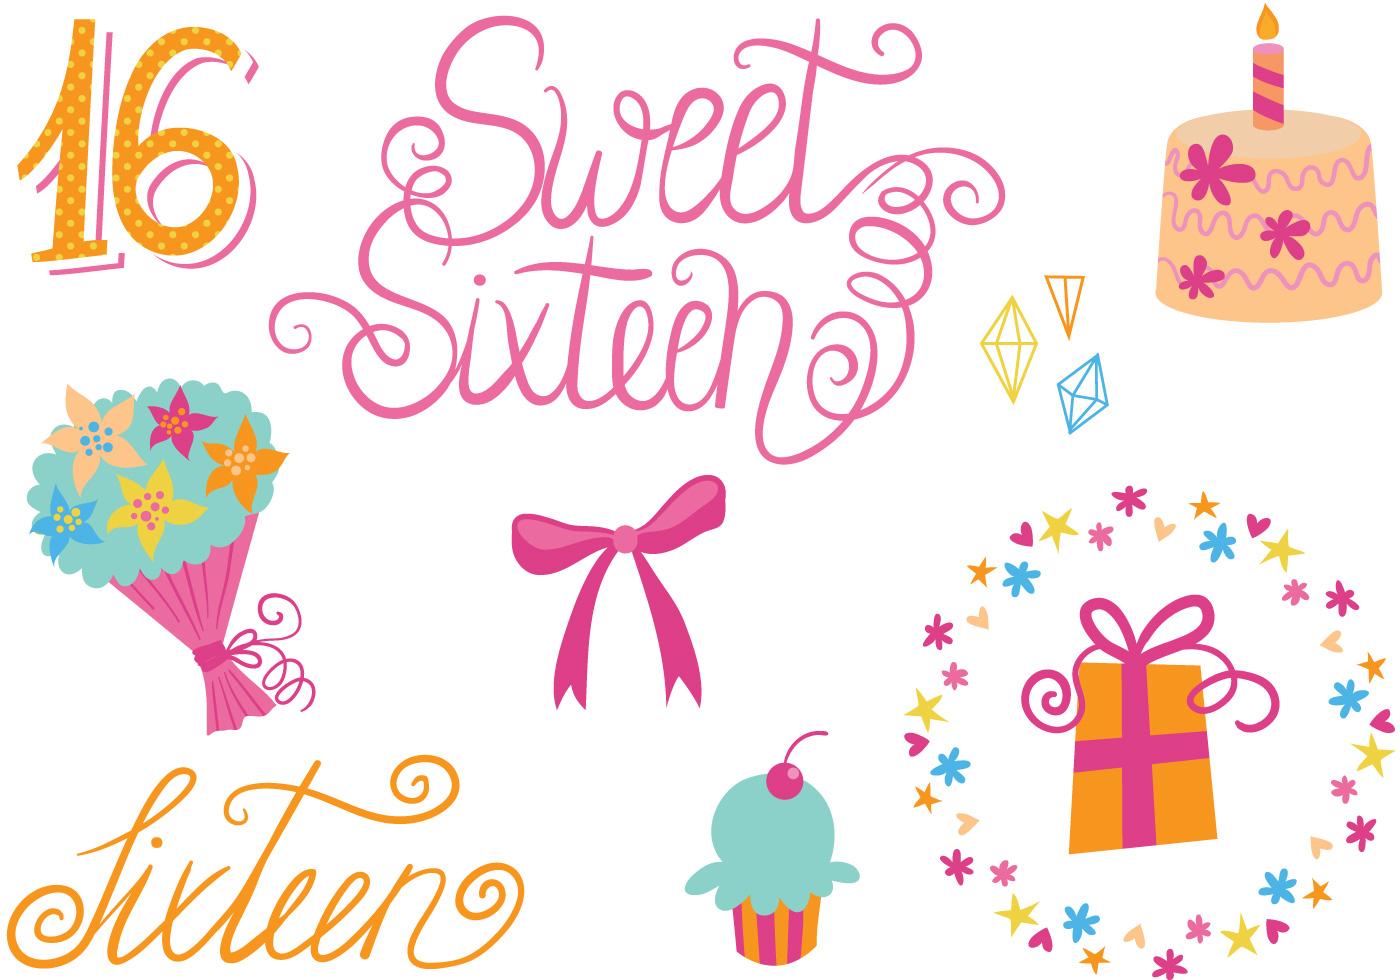 Free Sweet 16 Vectors - Download Free Vector Art, Stock ...